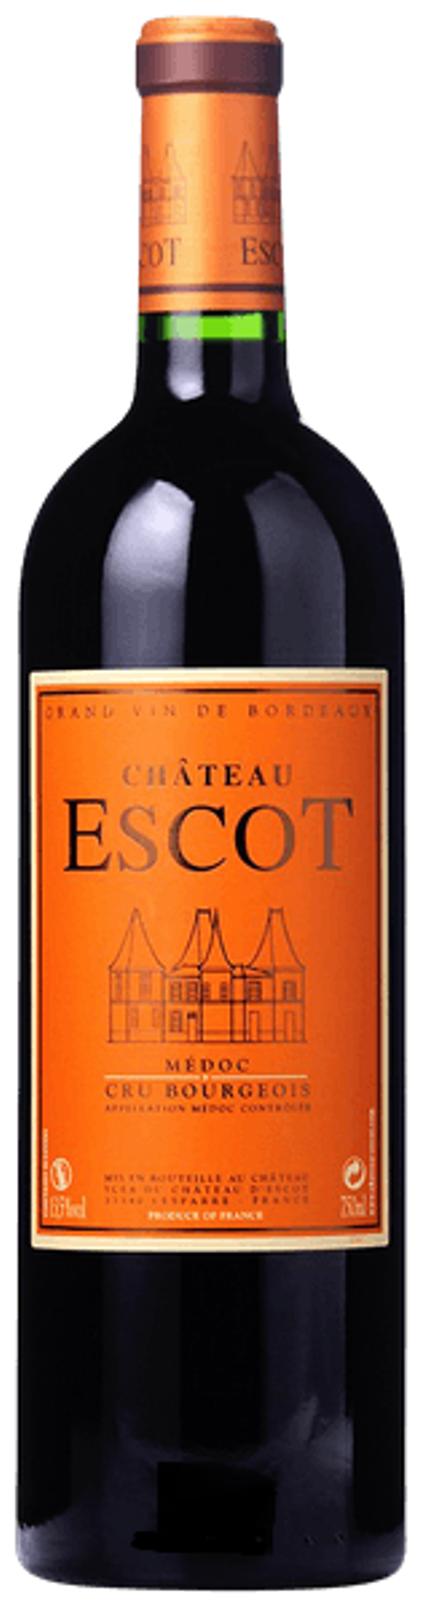 Chateau Escot AOC 2015, Medoc